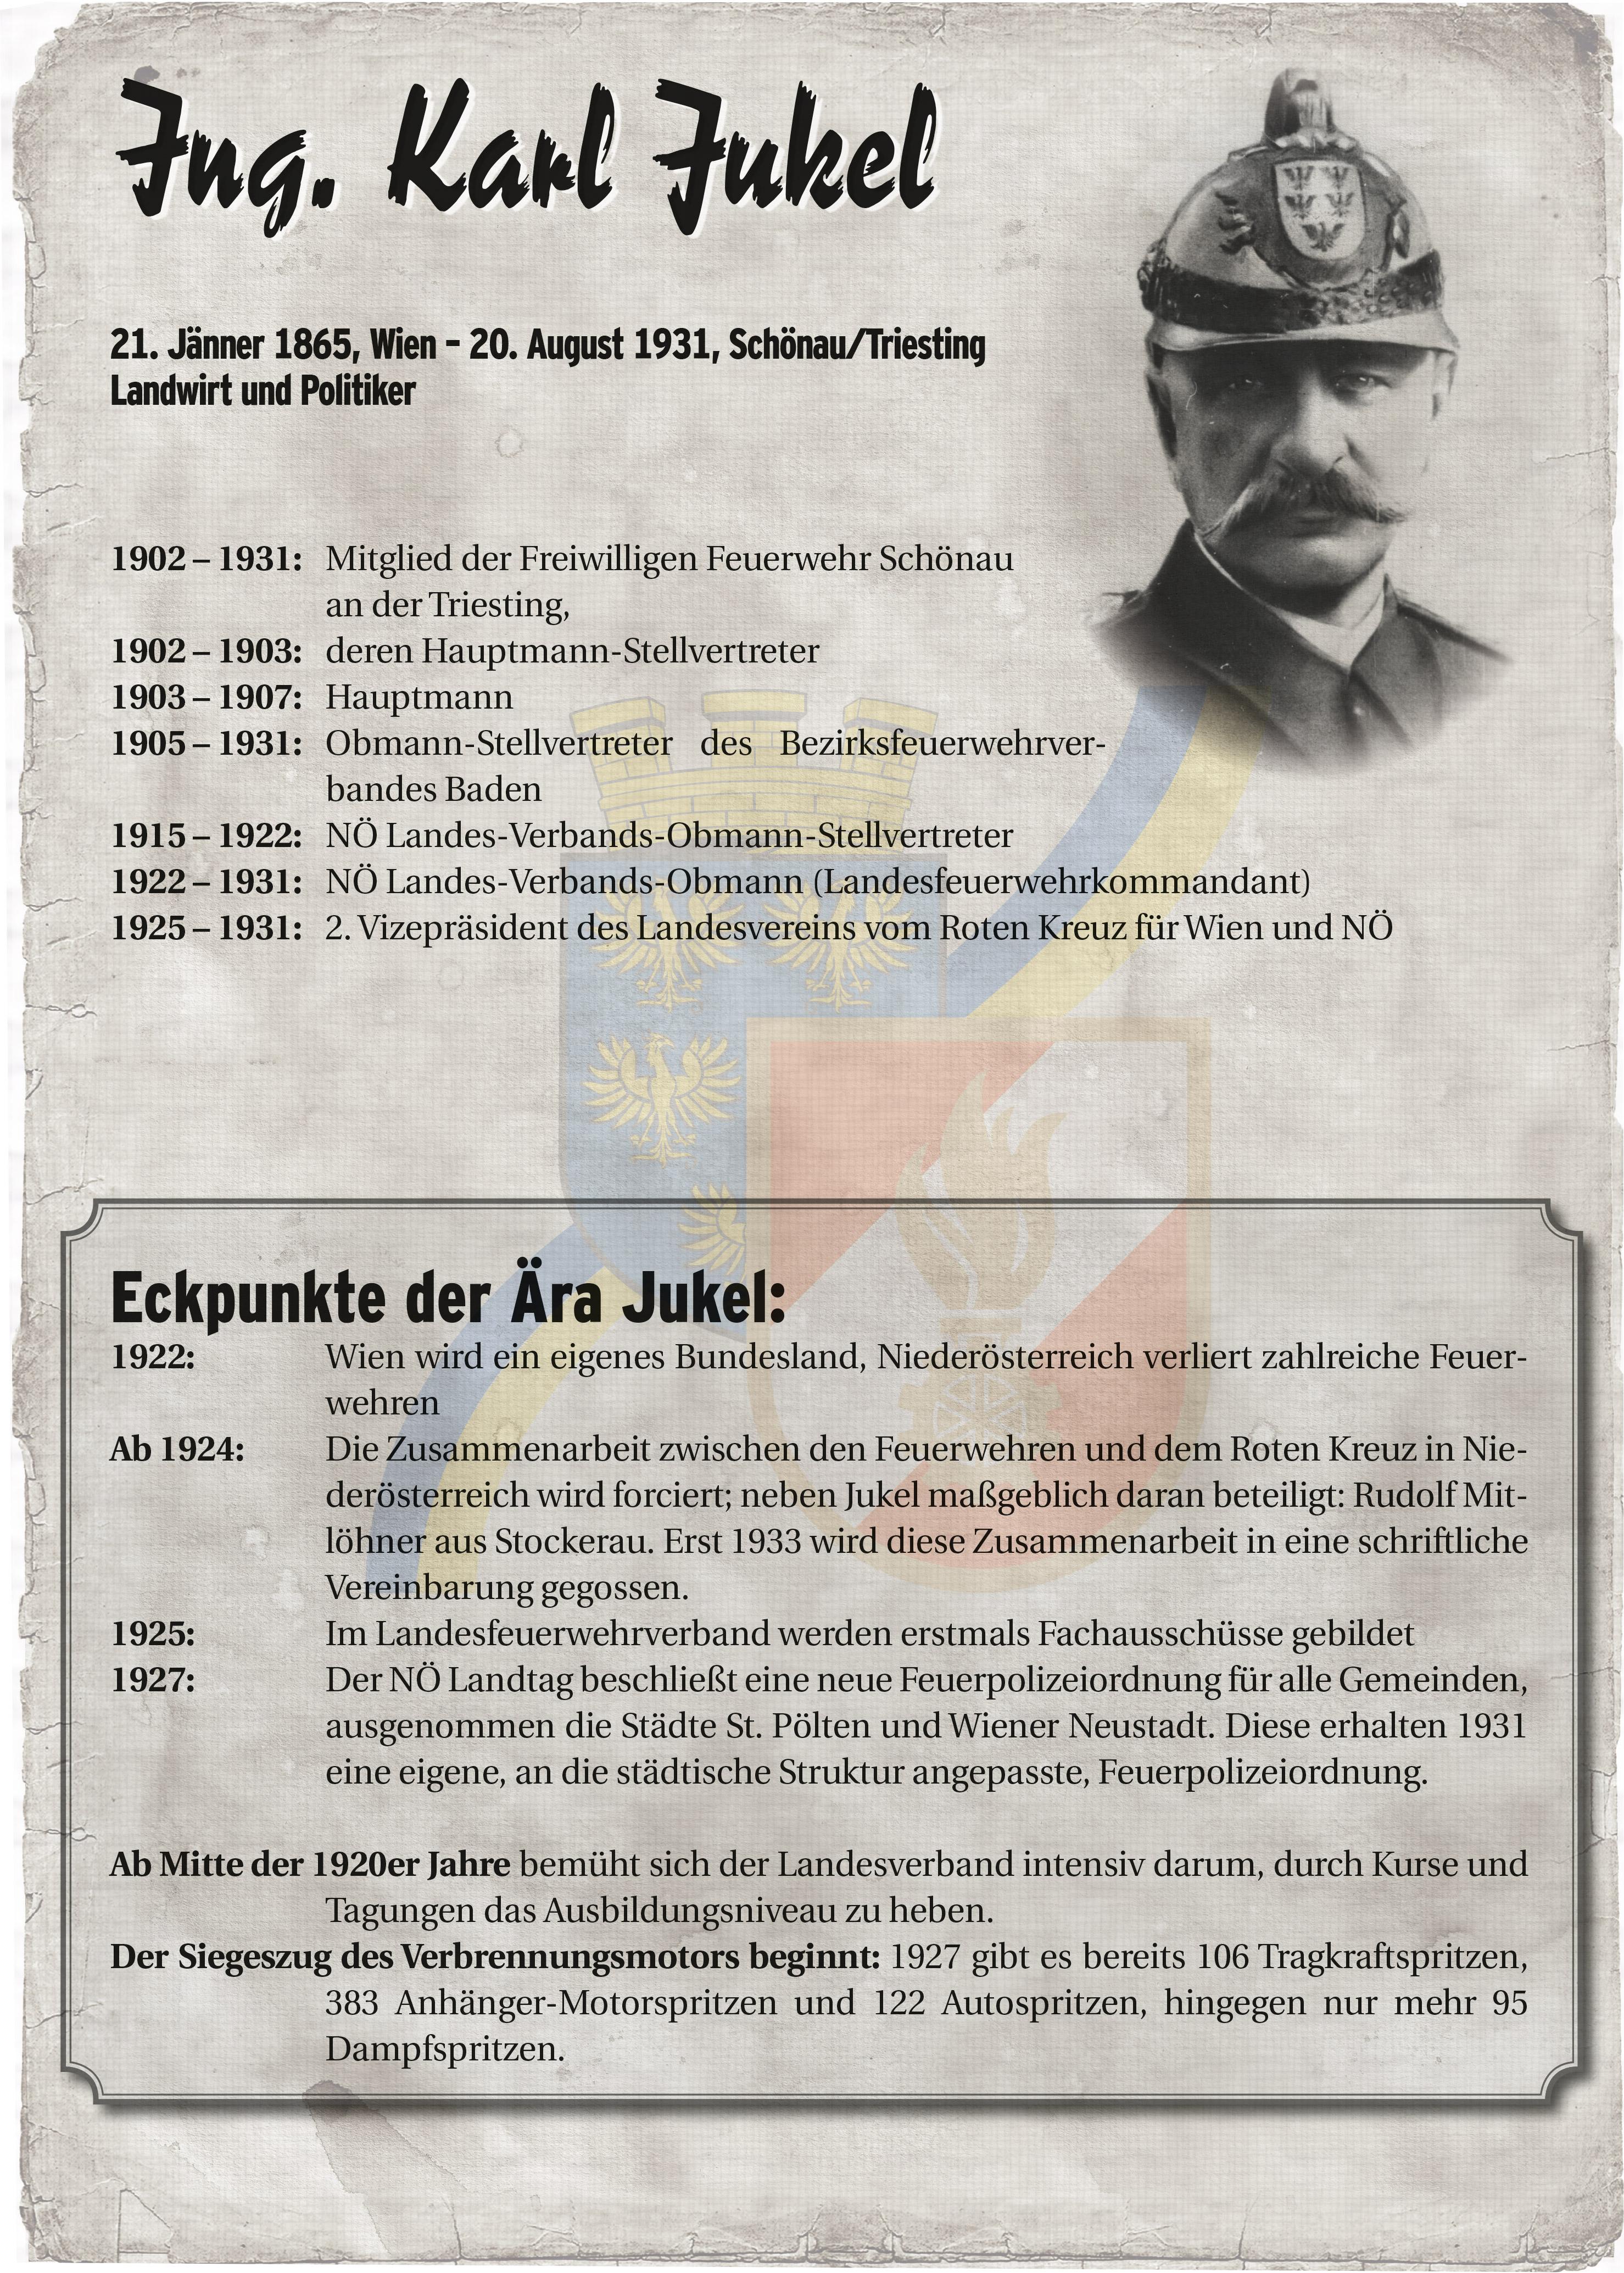 Infoblatt zur Zeit von Karl Jukel